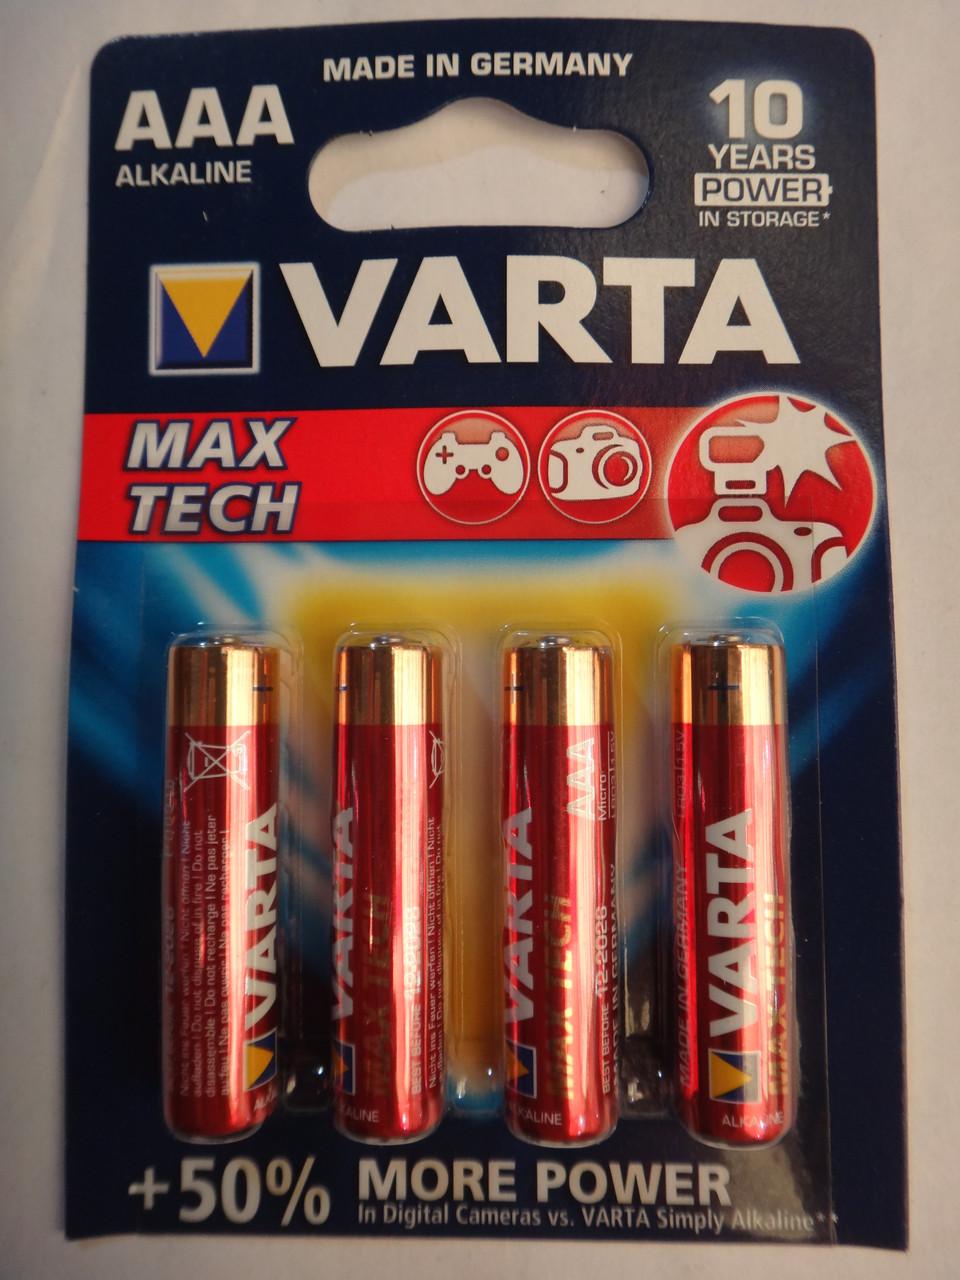 Батарейки AA Varta 4706 MAX TECH +50% больше энергии 10 лет держит заряд